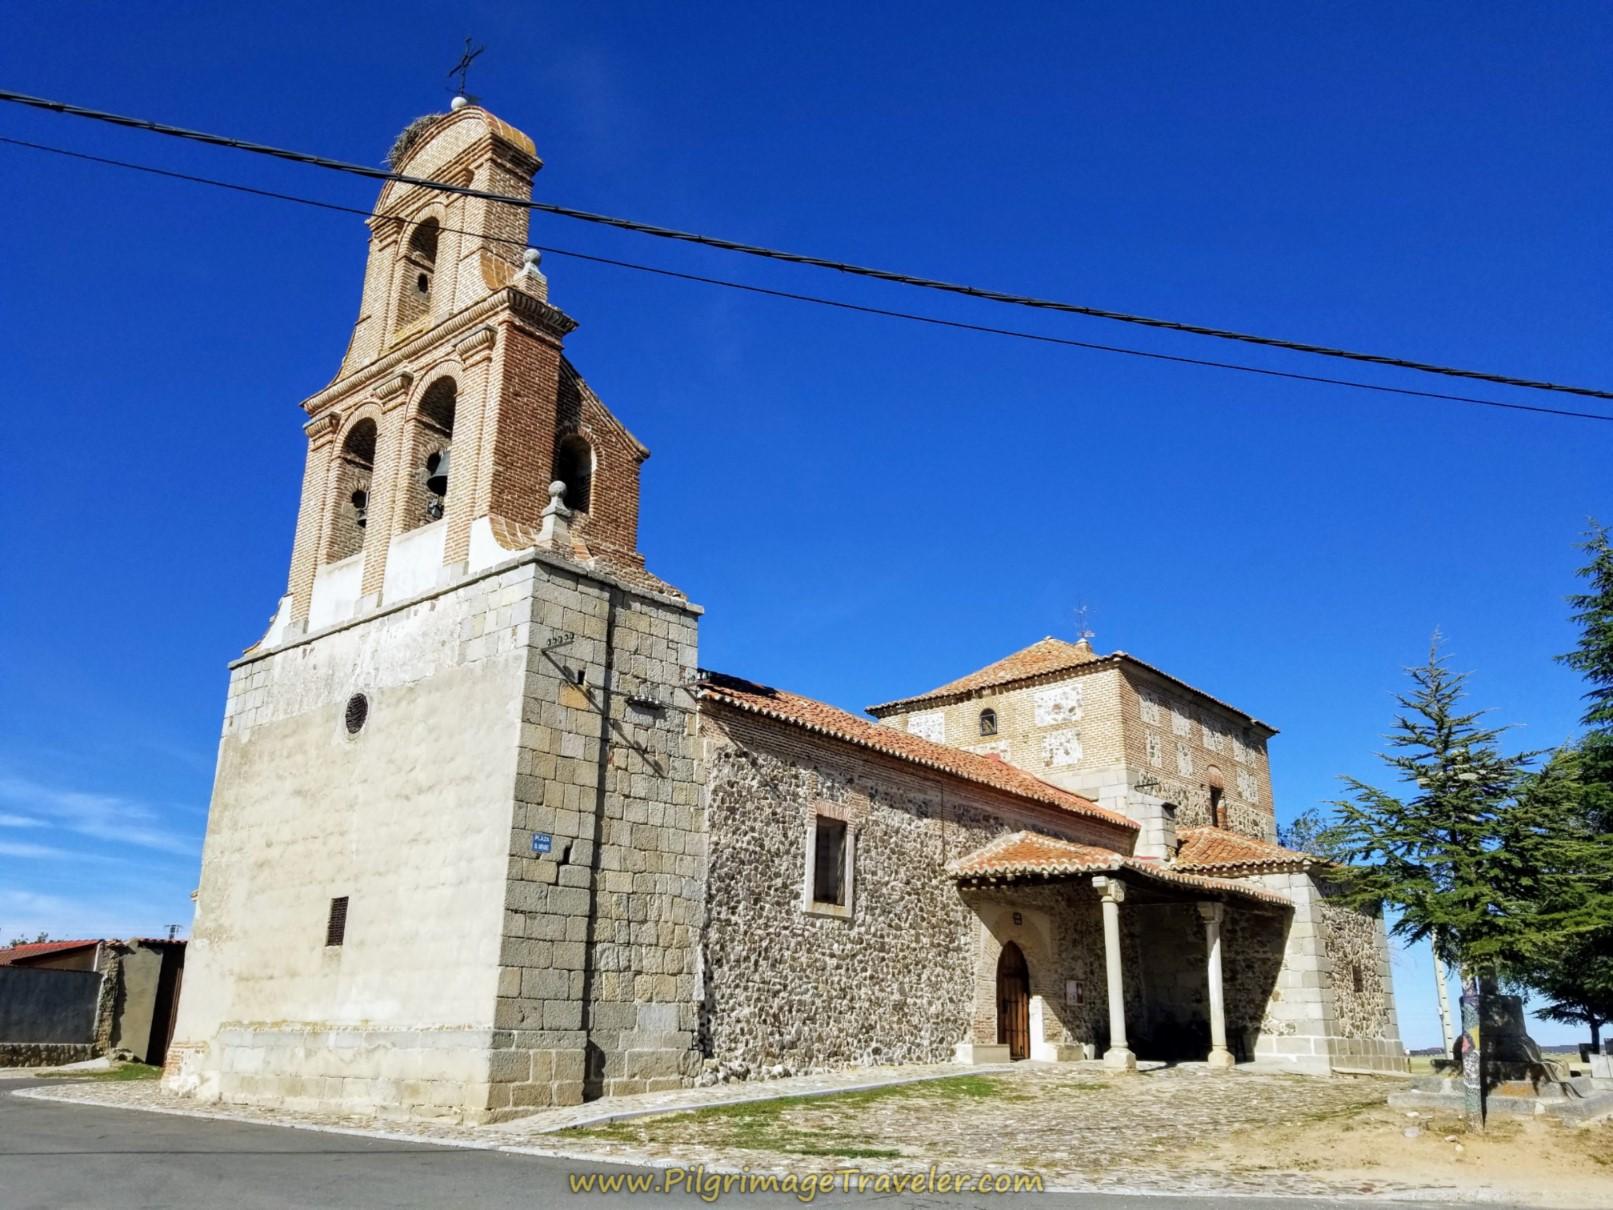 Iglesia de Gotarrendura